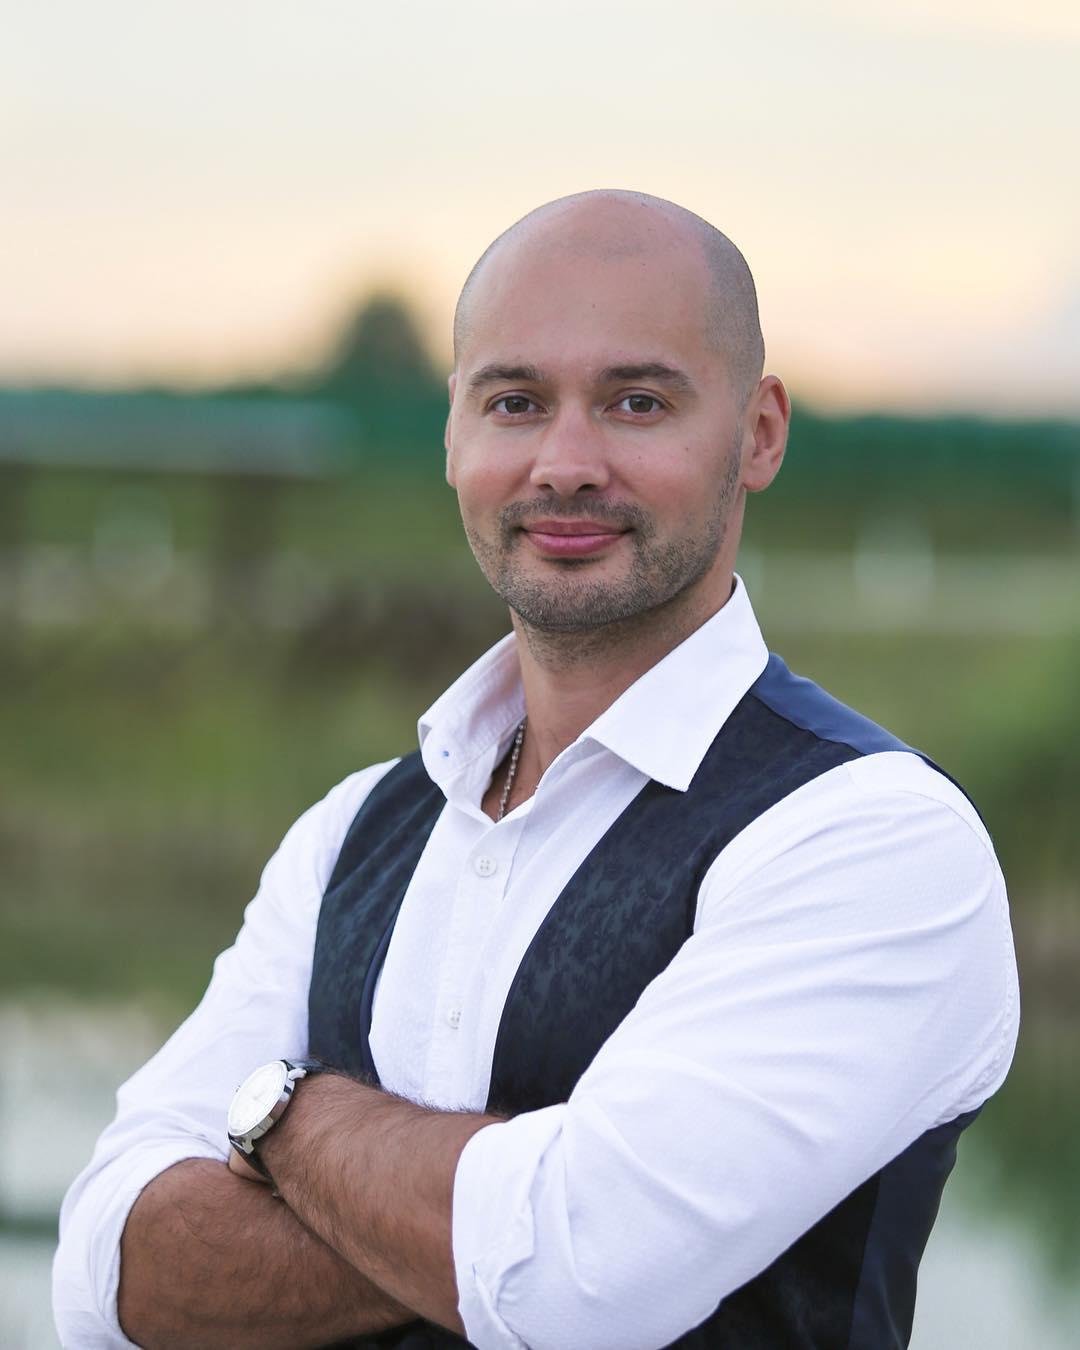 Андрей черкасов дом 2 инстаграм